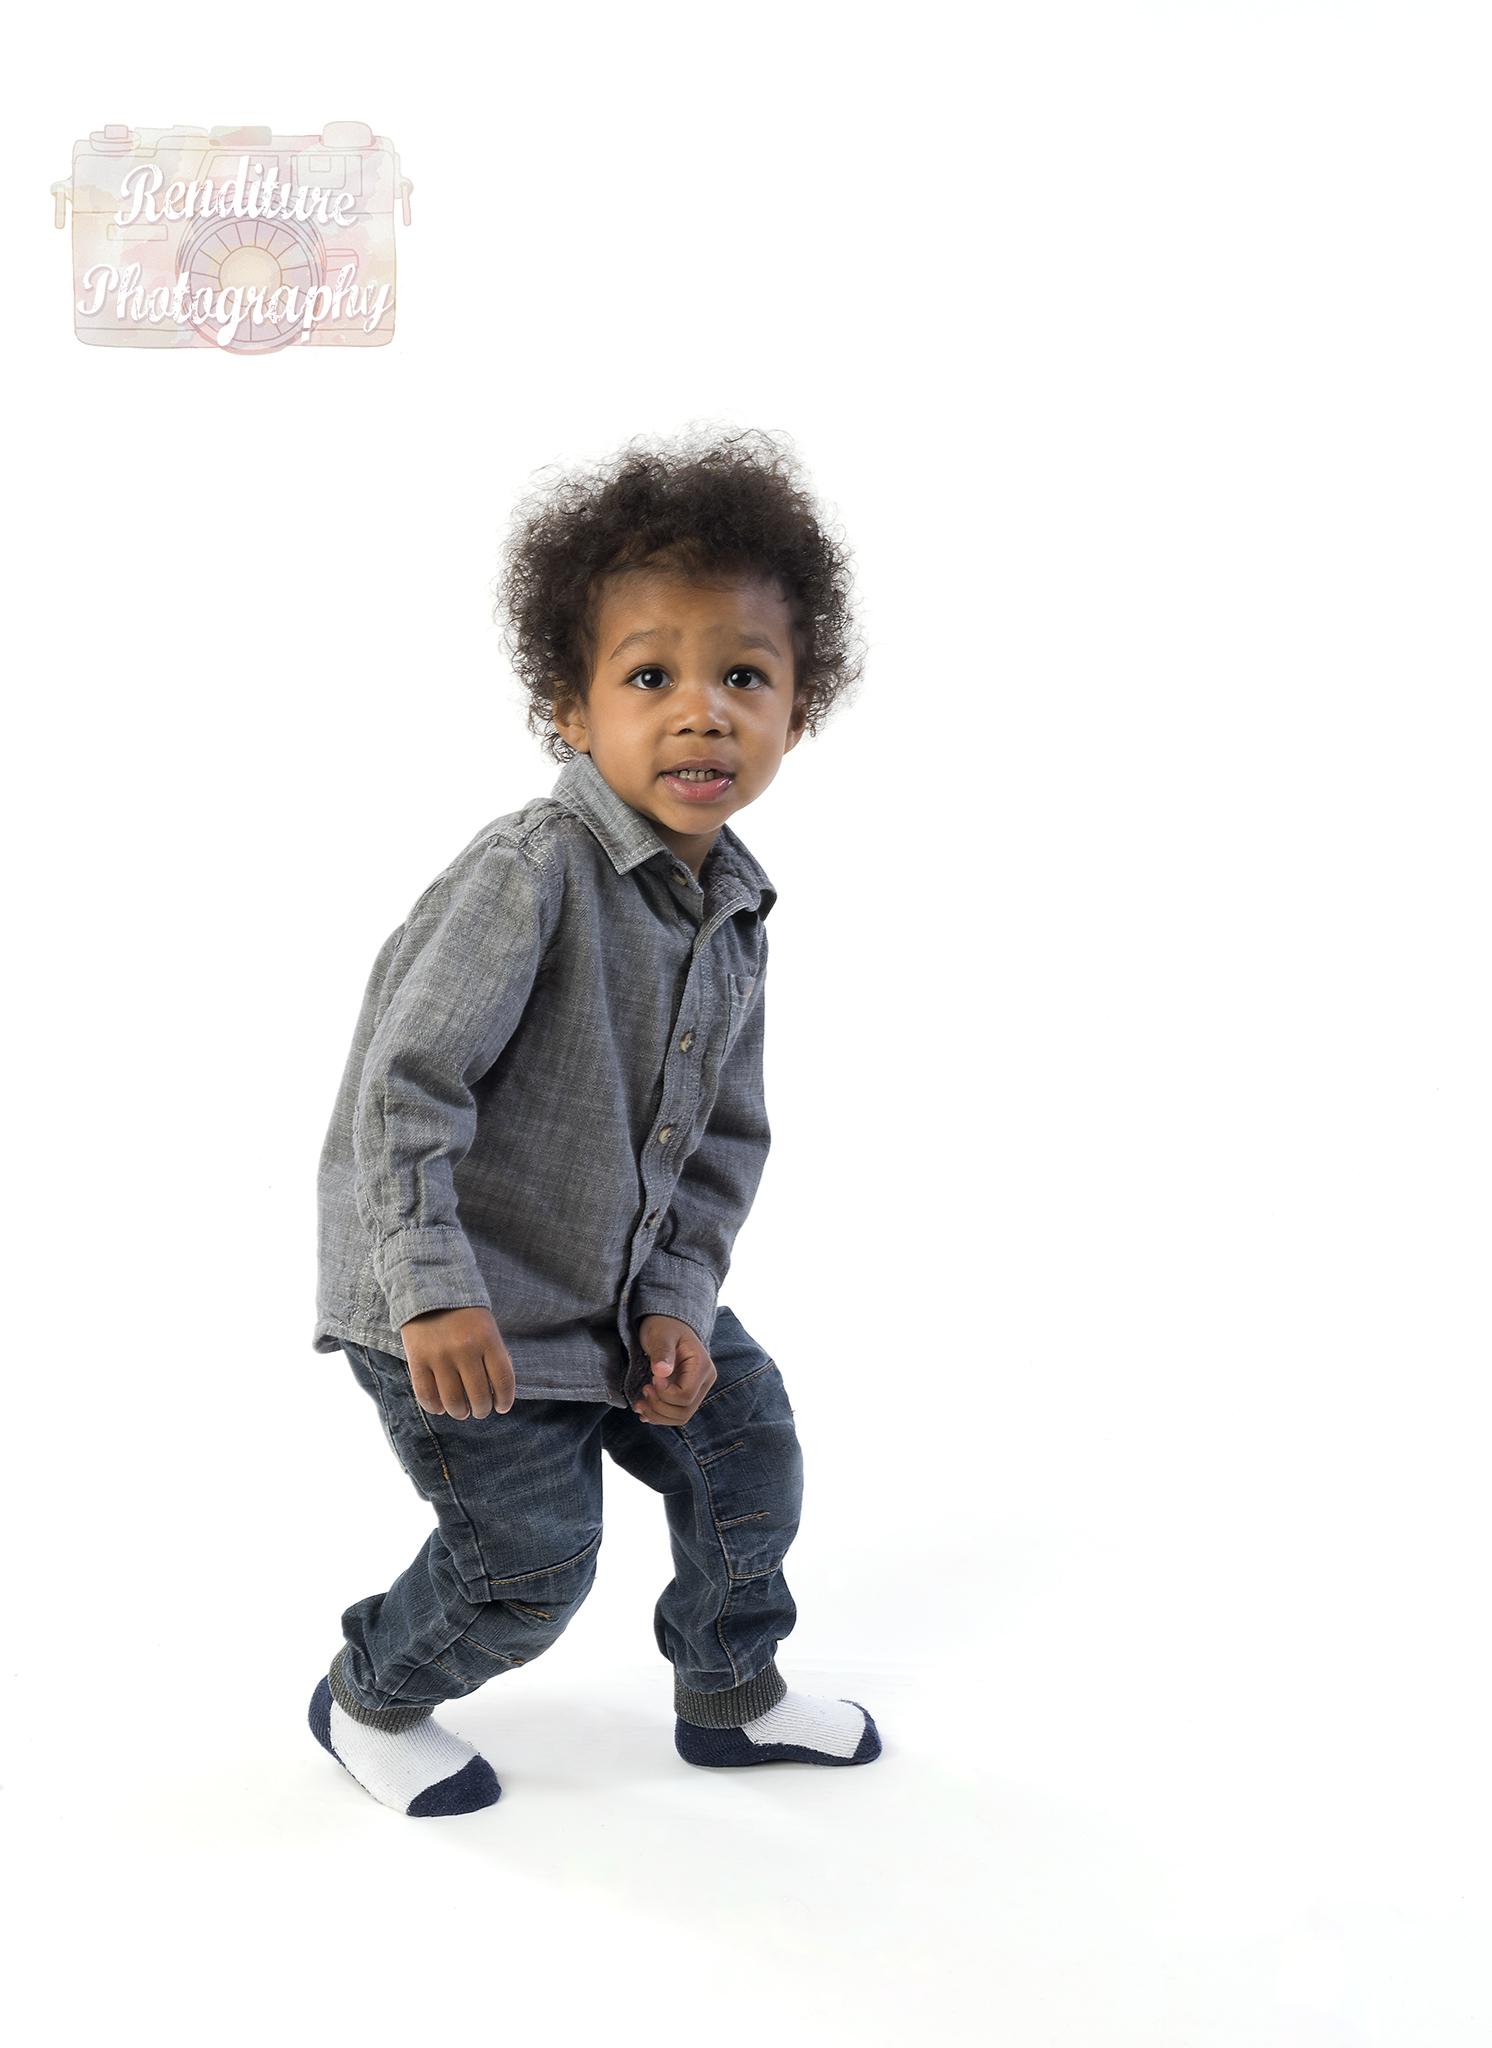 Renditure - Eli Christey 2 Yr Old Child Model - Children's